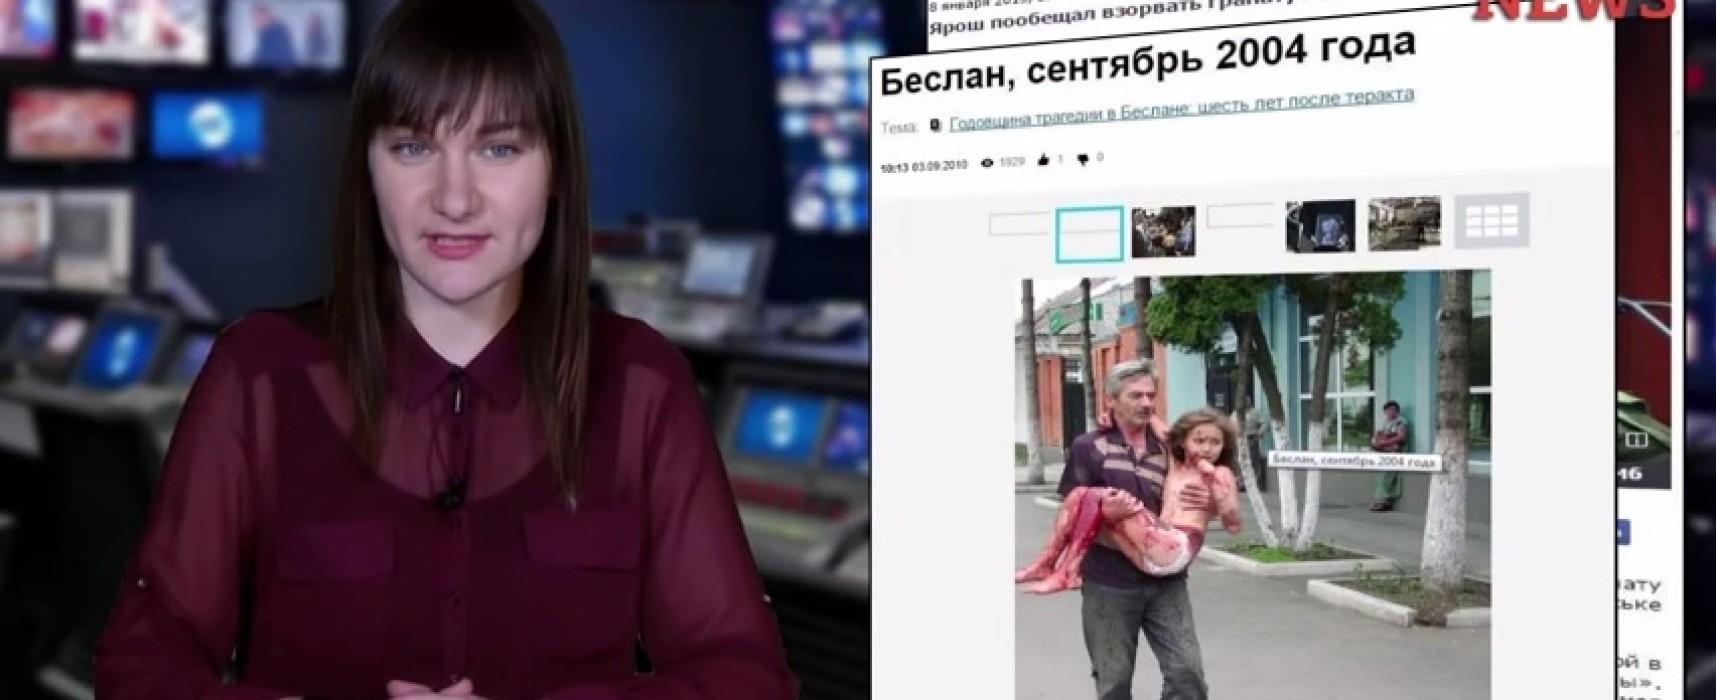 Недельный видеодайджест новостей от StopFake. Выпуск #42